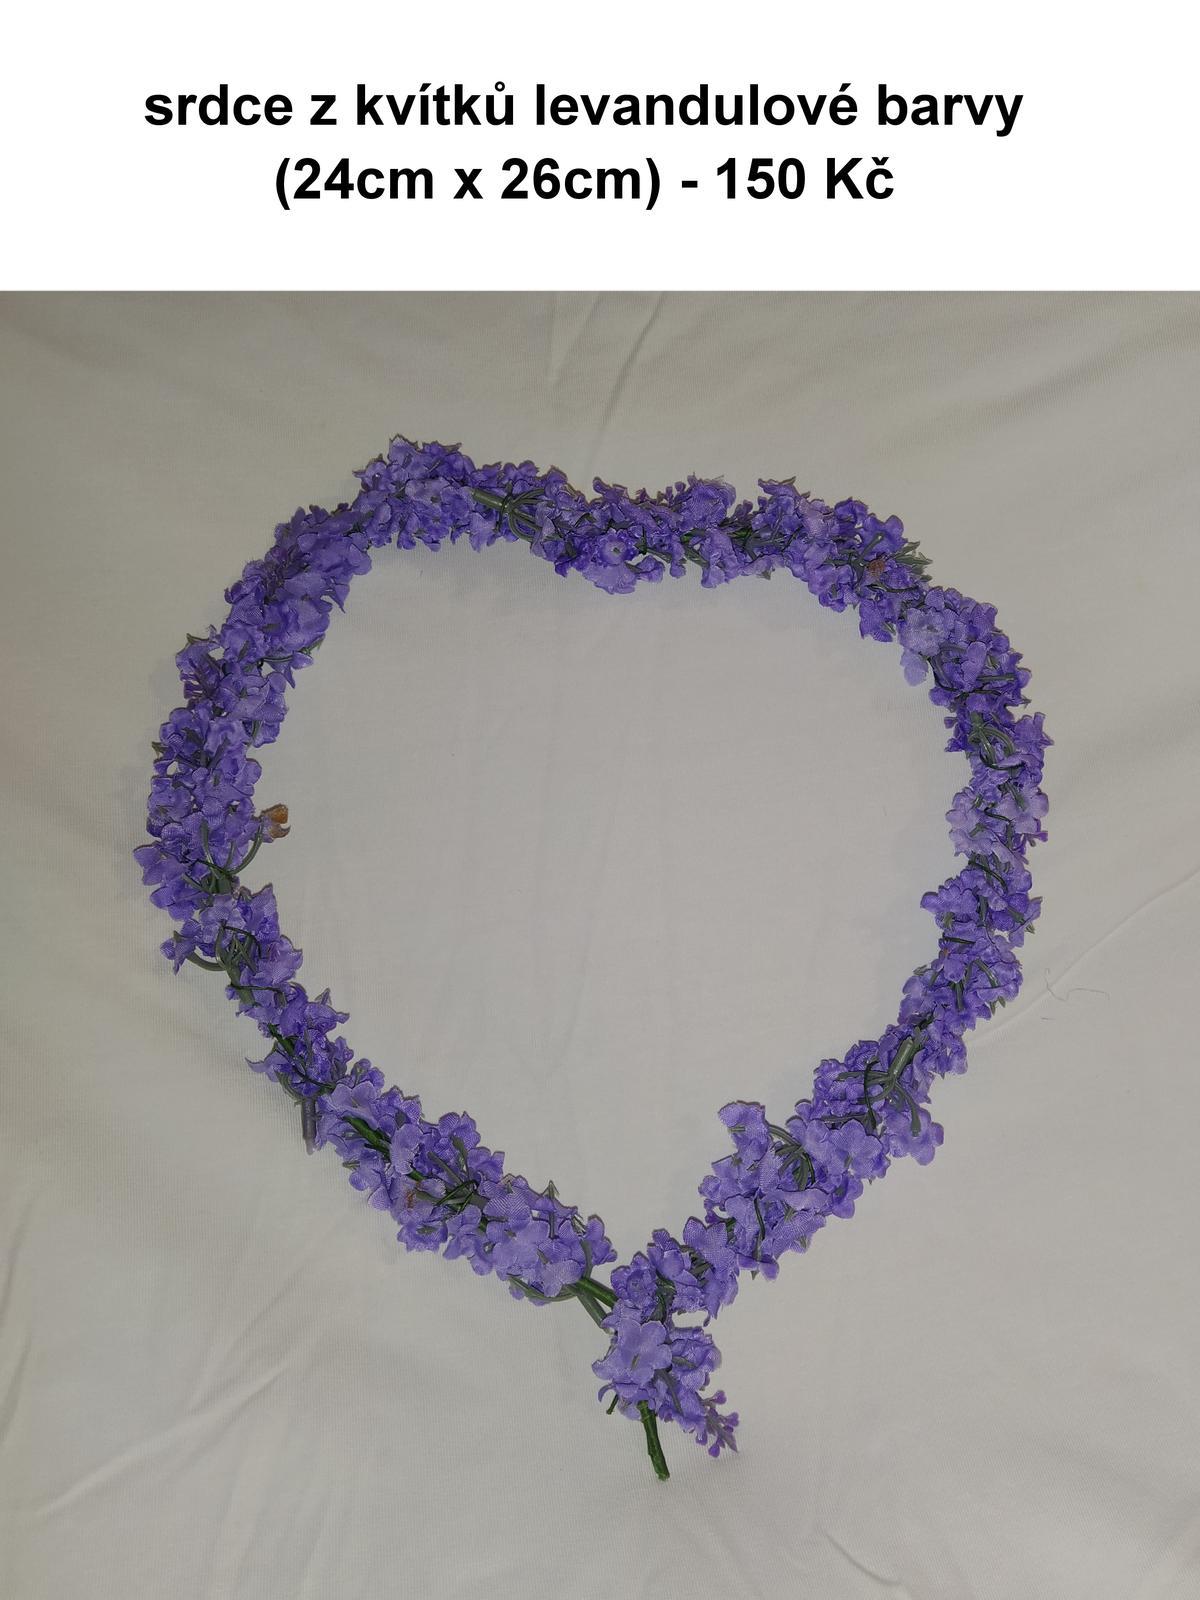 Levandulové srdce - Obrázek č. 1